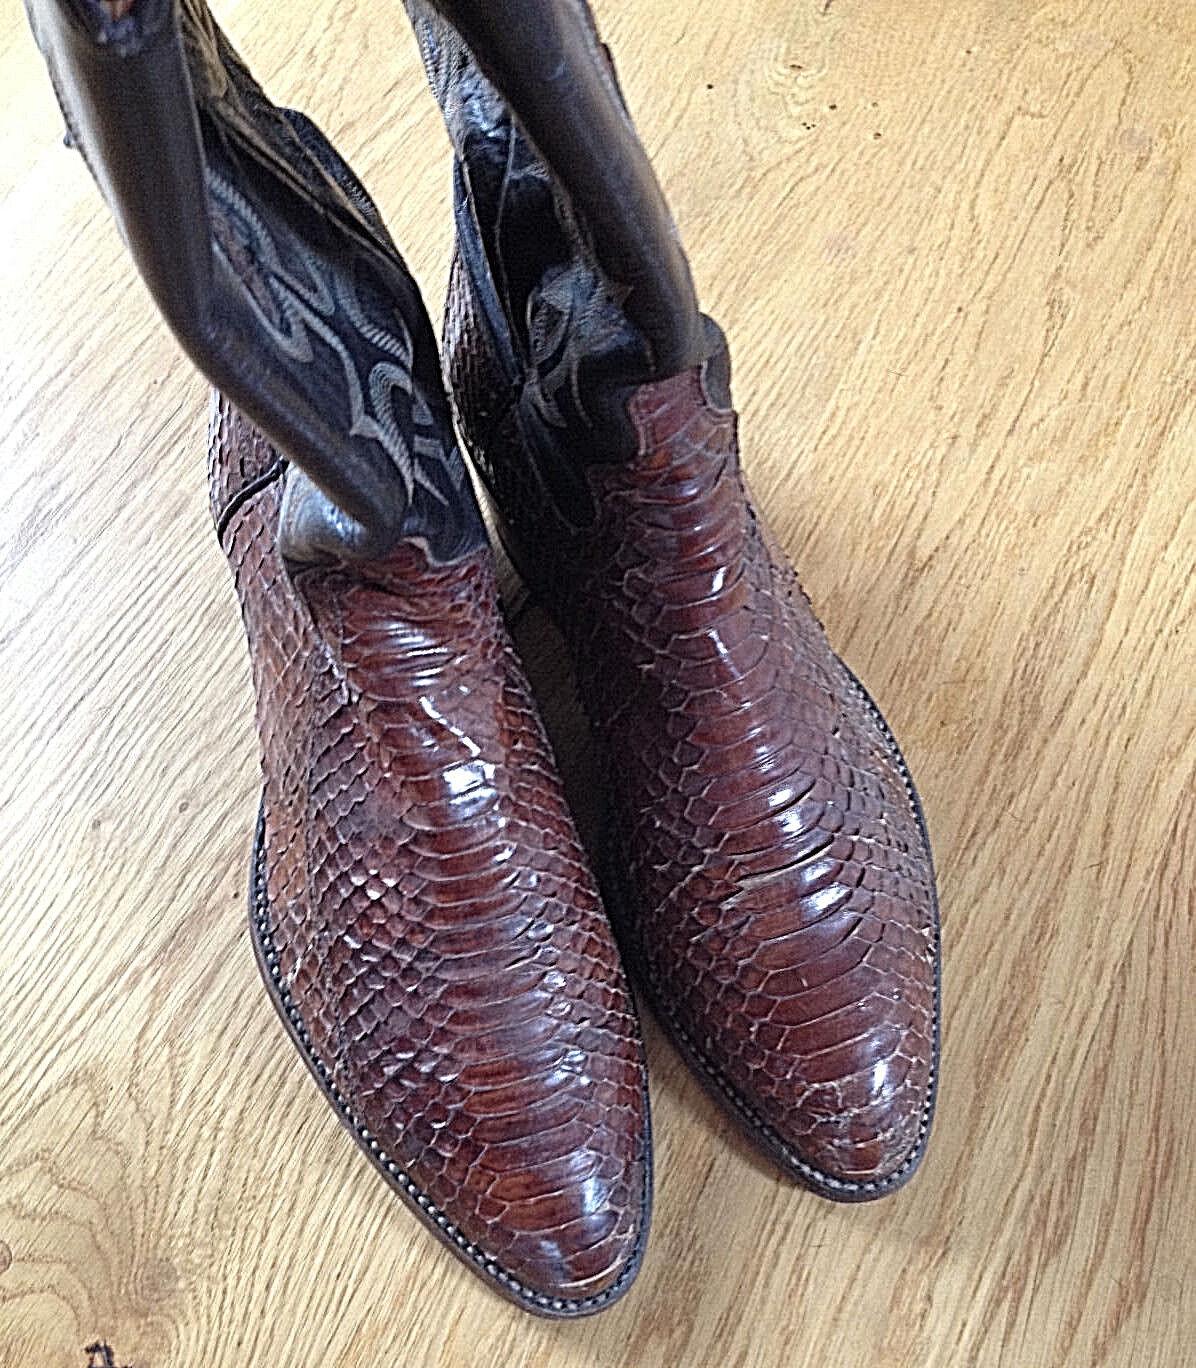 Cowboy Stiefel Biker Boots USA Echtes Phyton Schlangenleder Rocker Western TOP